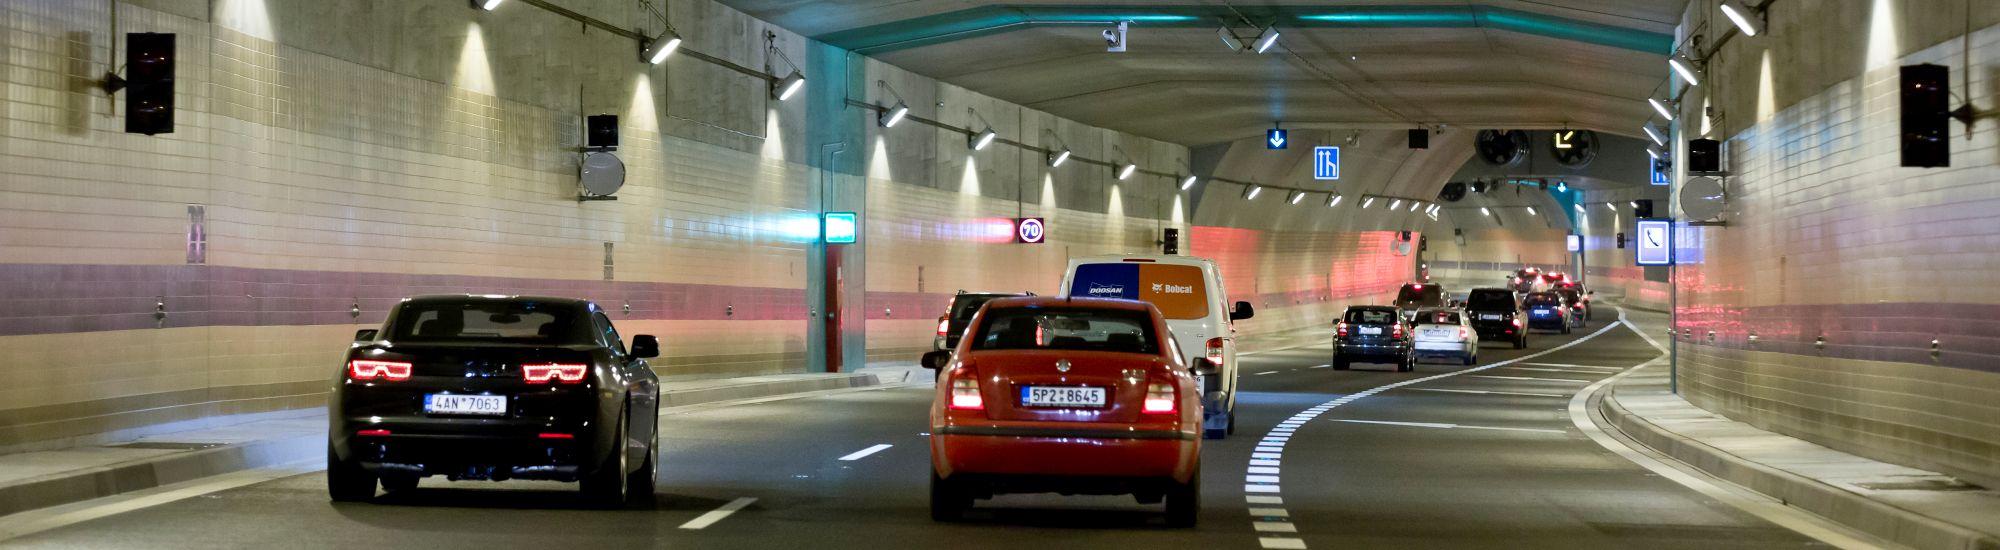 Intenzity dopravy 46 týdnů po zprovoznění